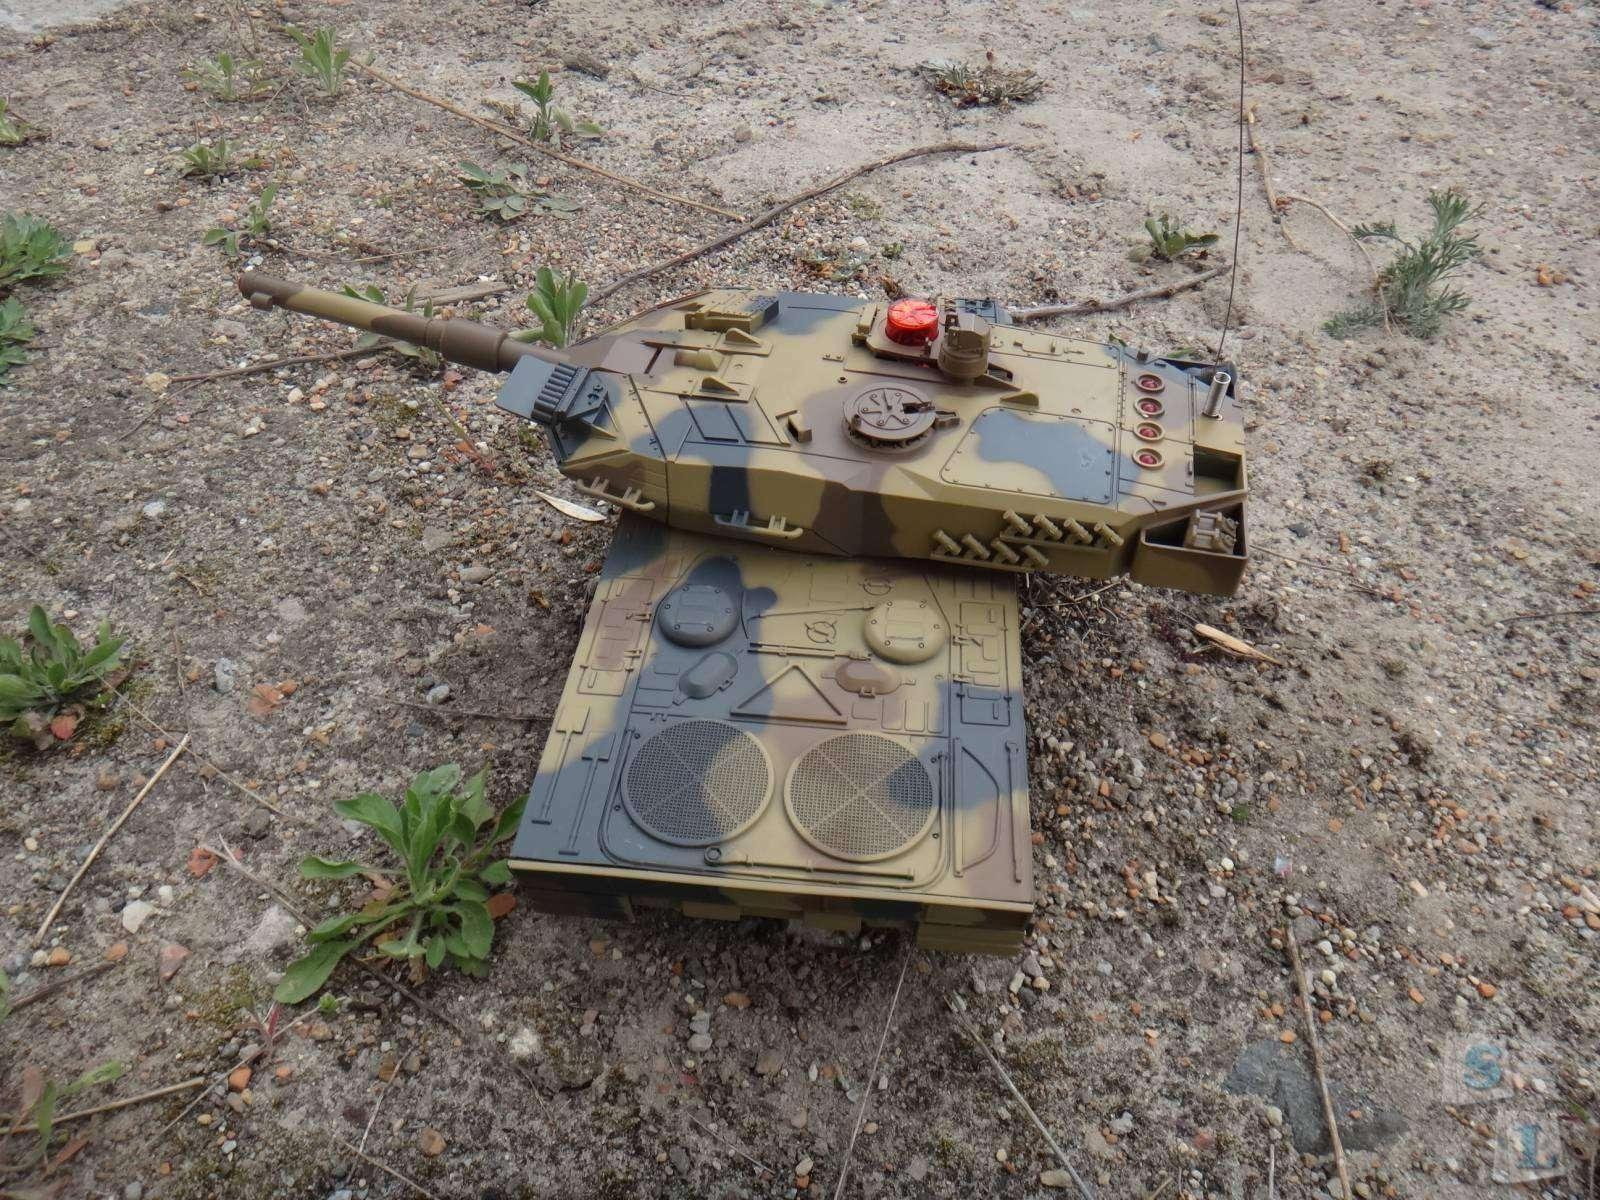 GearBest: Обзор большого танка M1 Abrams на радиоуправлении